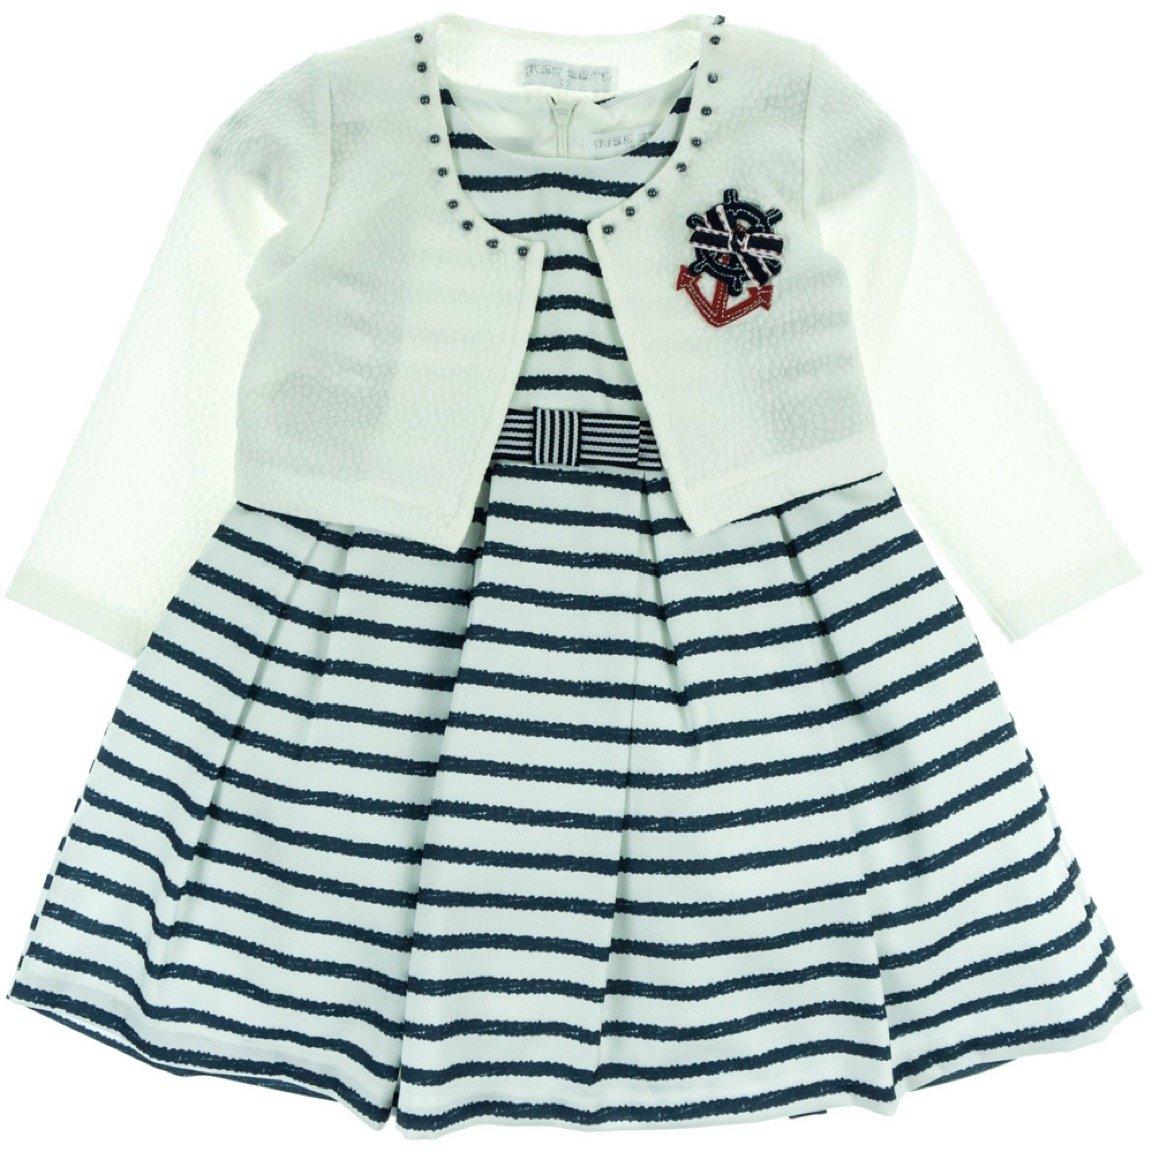 Εβίτα παιδικό αμπιγιέ φόρεμα & ζακέτα μπολερό «Anchor»